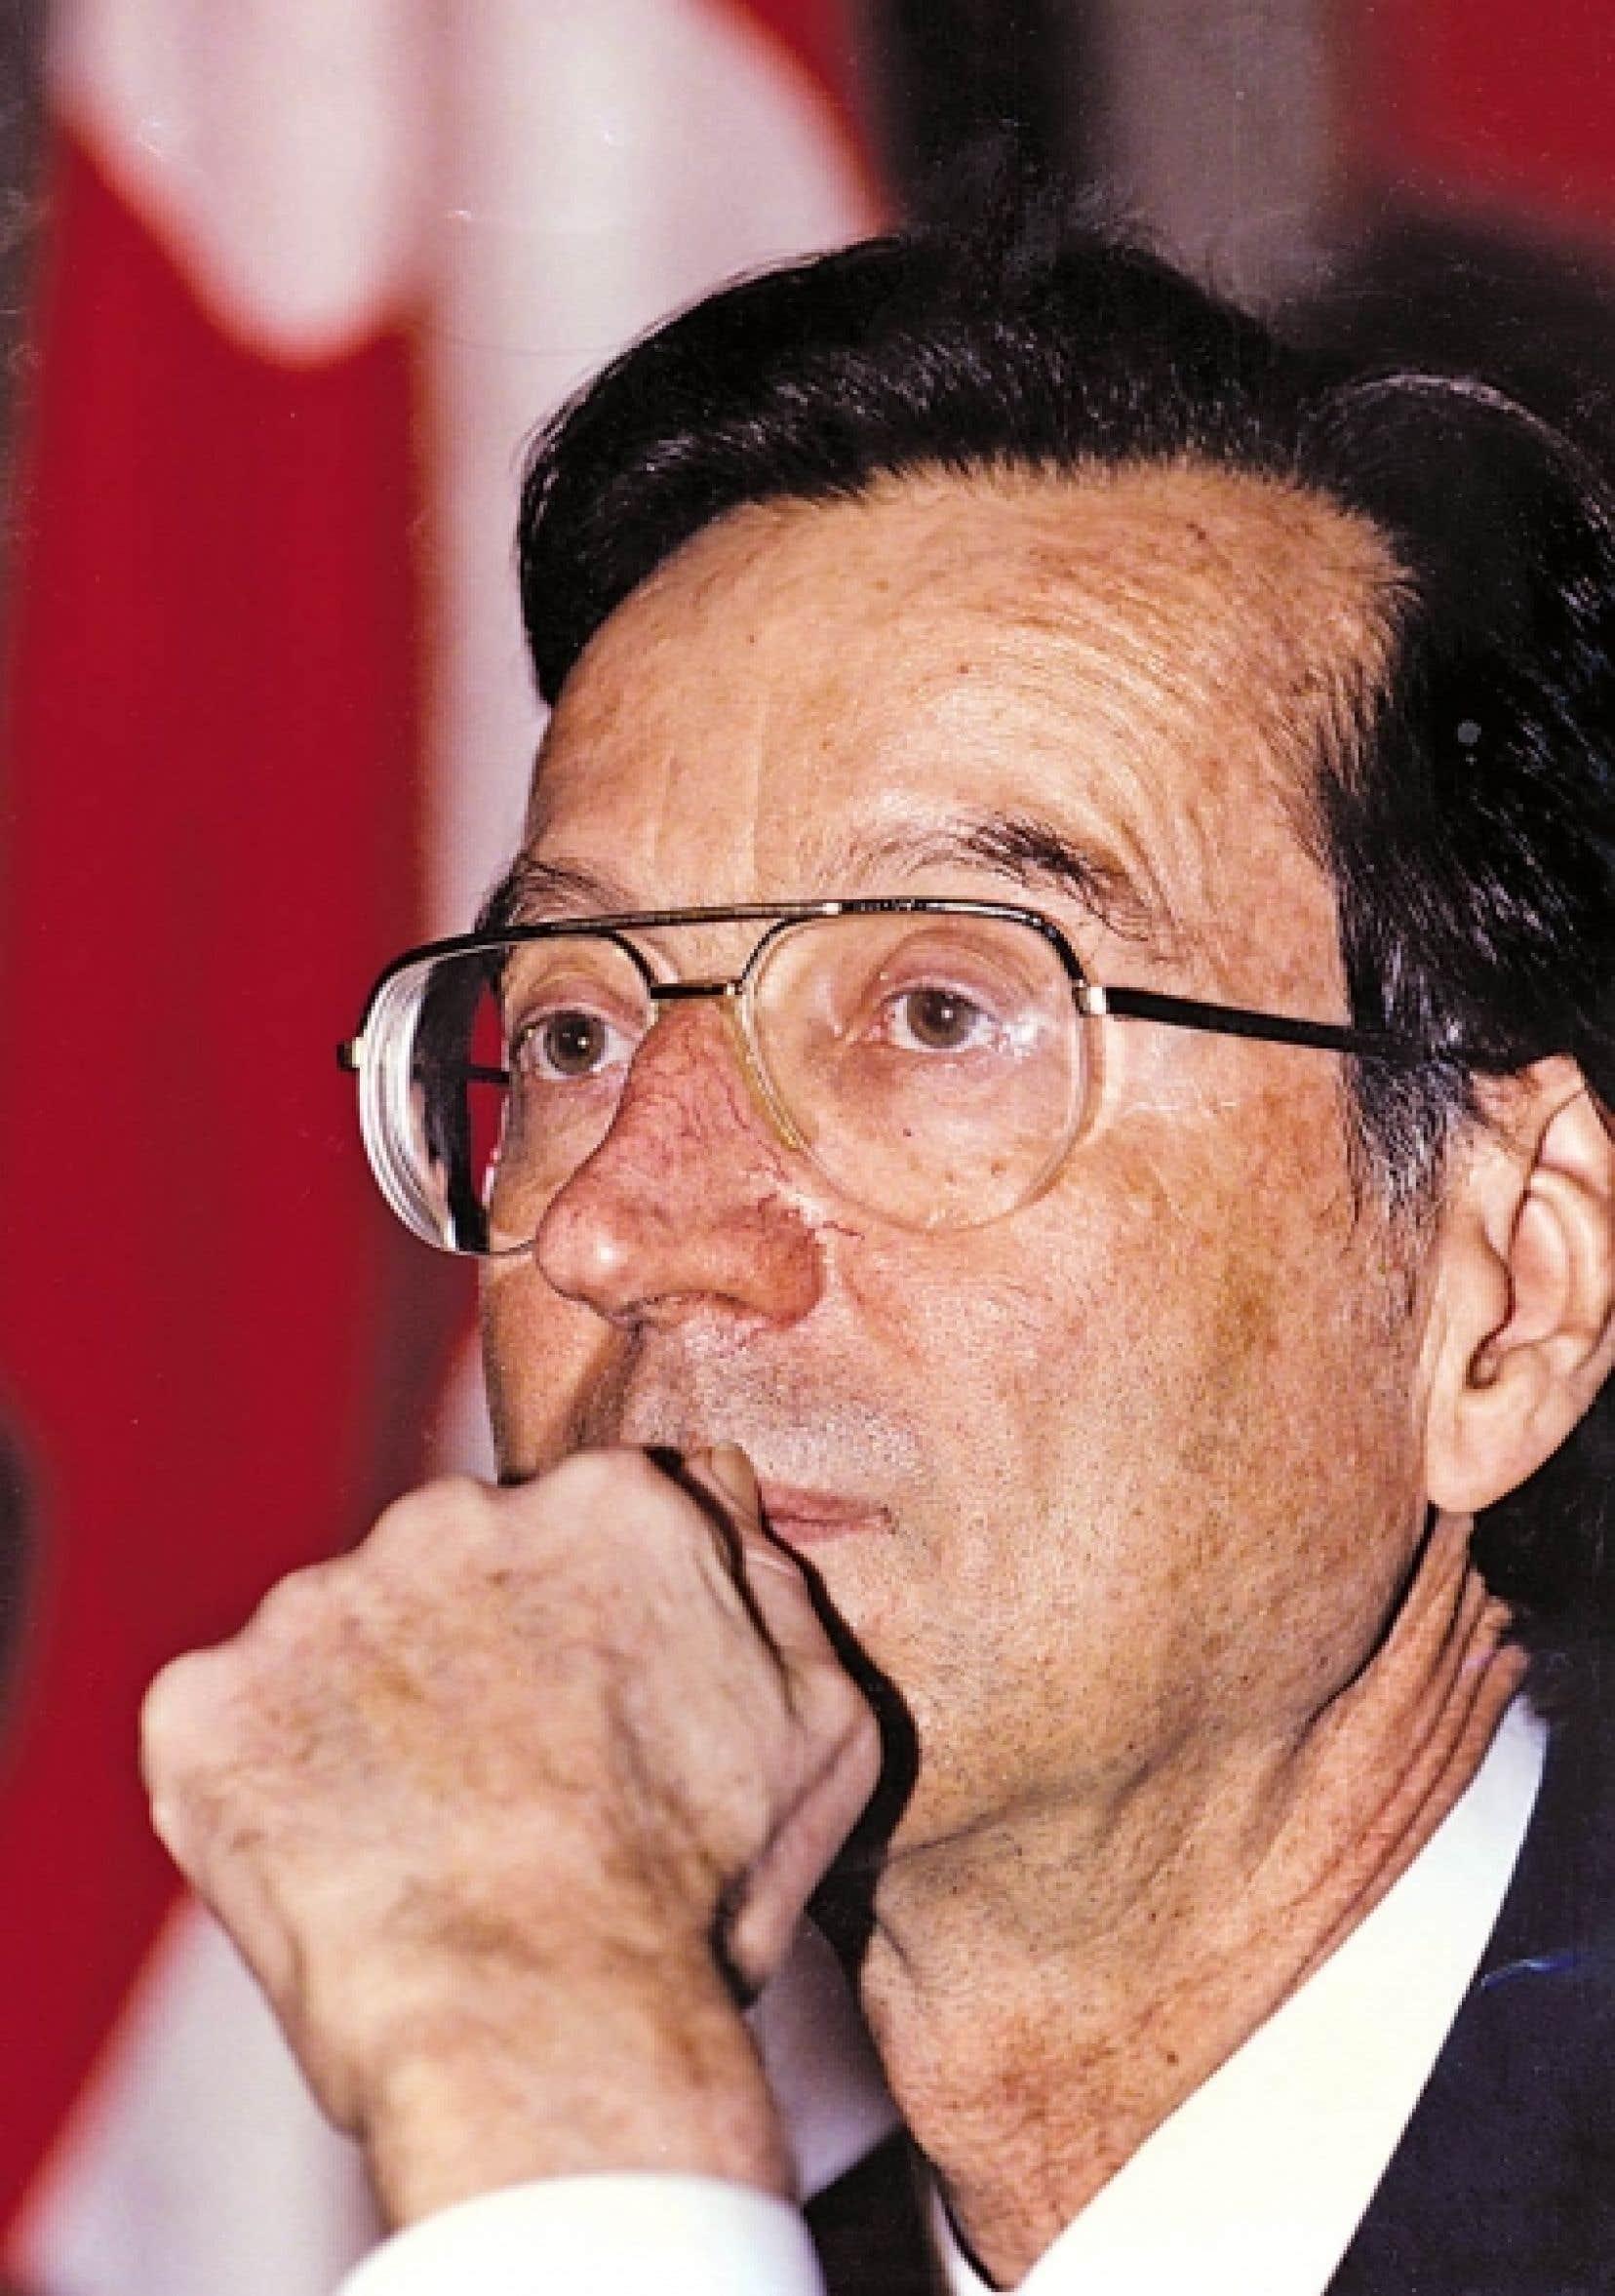 Deux auteurs, m&ecirc;me objet: feu Robert Bourassa, premier ministre du Qu&eacute;bec de 1970 &agrave; 1976 et de 1985 &agrave; 1994.<br />